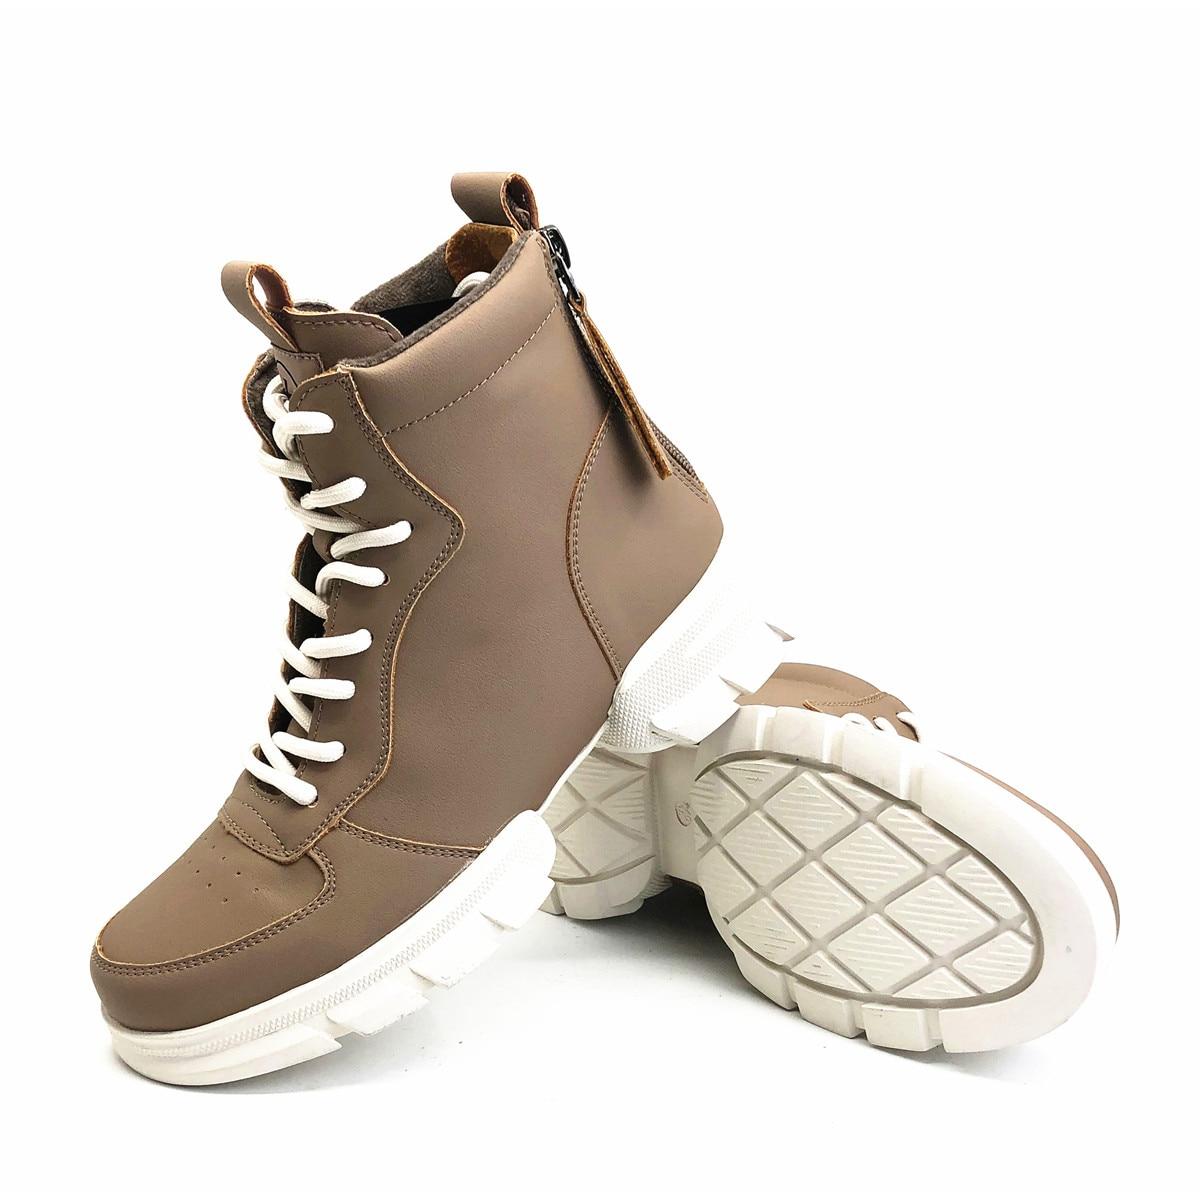 CAILASTE/женские кроссовки; ботинки со шнуровкой на молнии; ботинки шнурки для отдыха; обувь на платформе с бархатной стелькой; спортивные женск... - 5